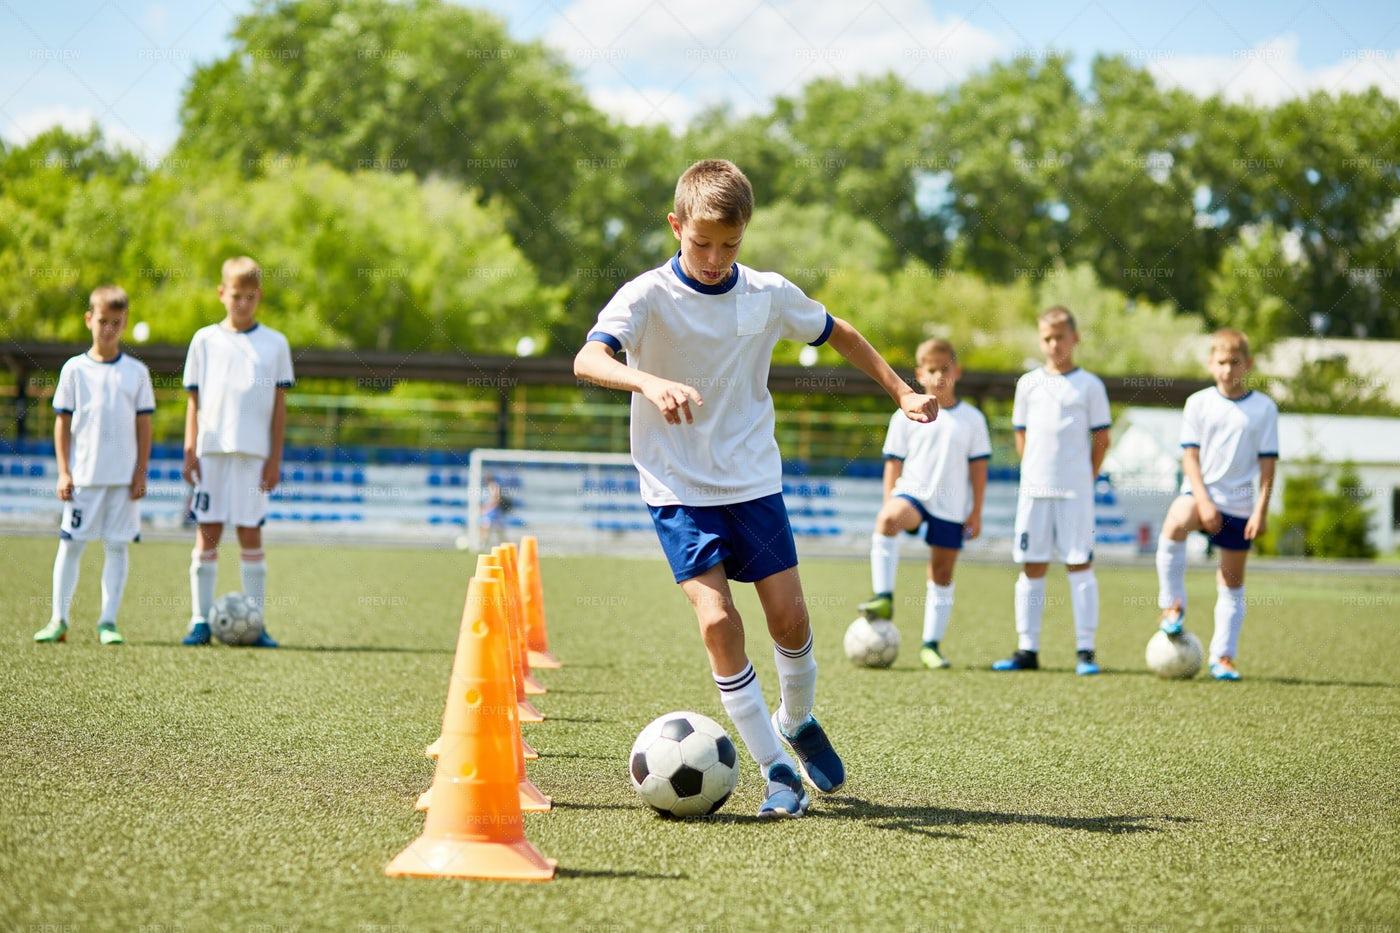 Junior Football Player At Practice: Stock Photos